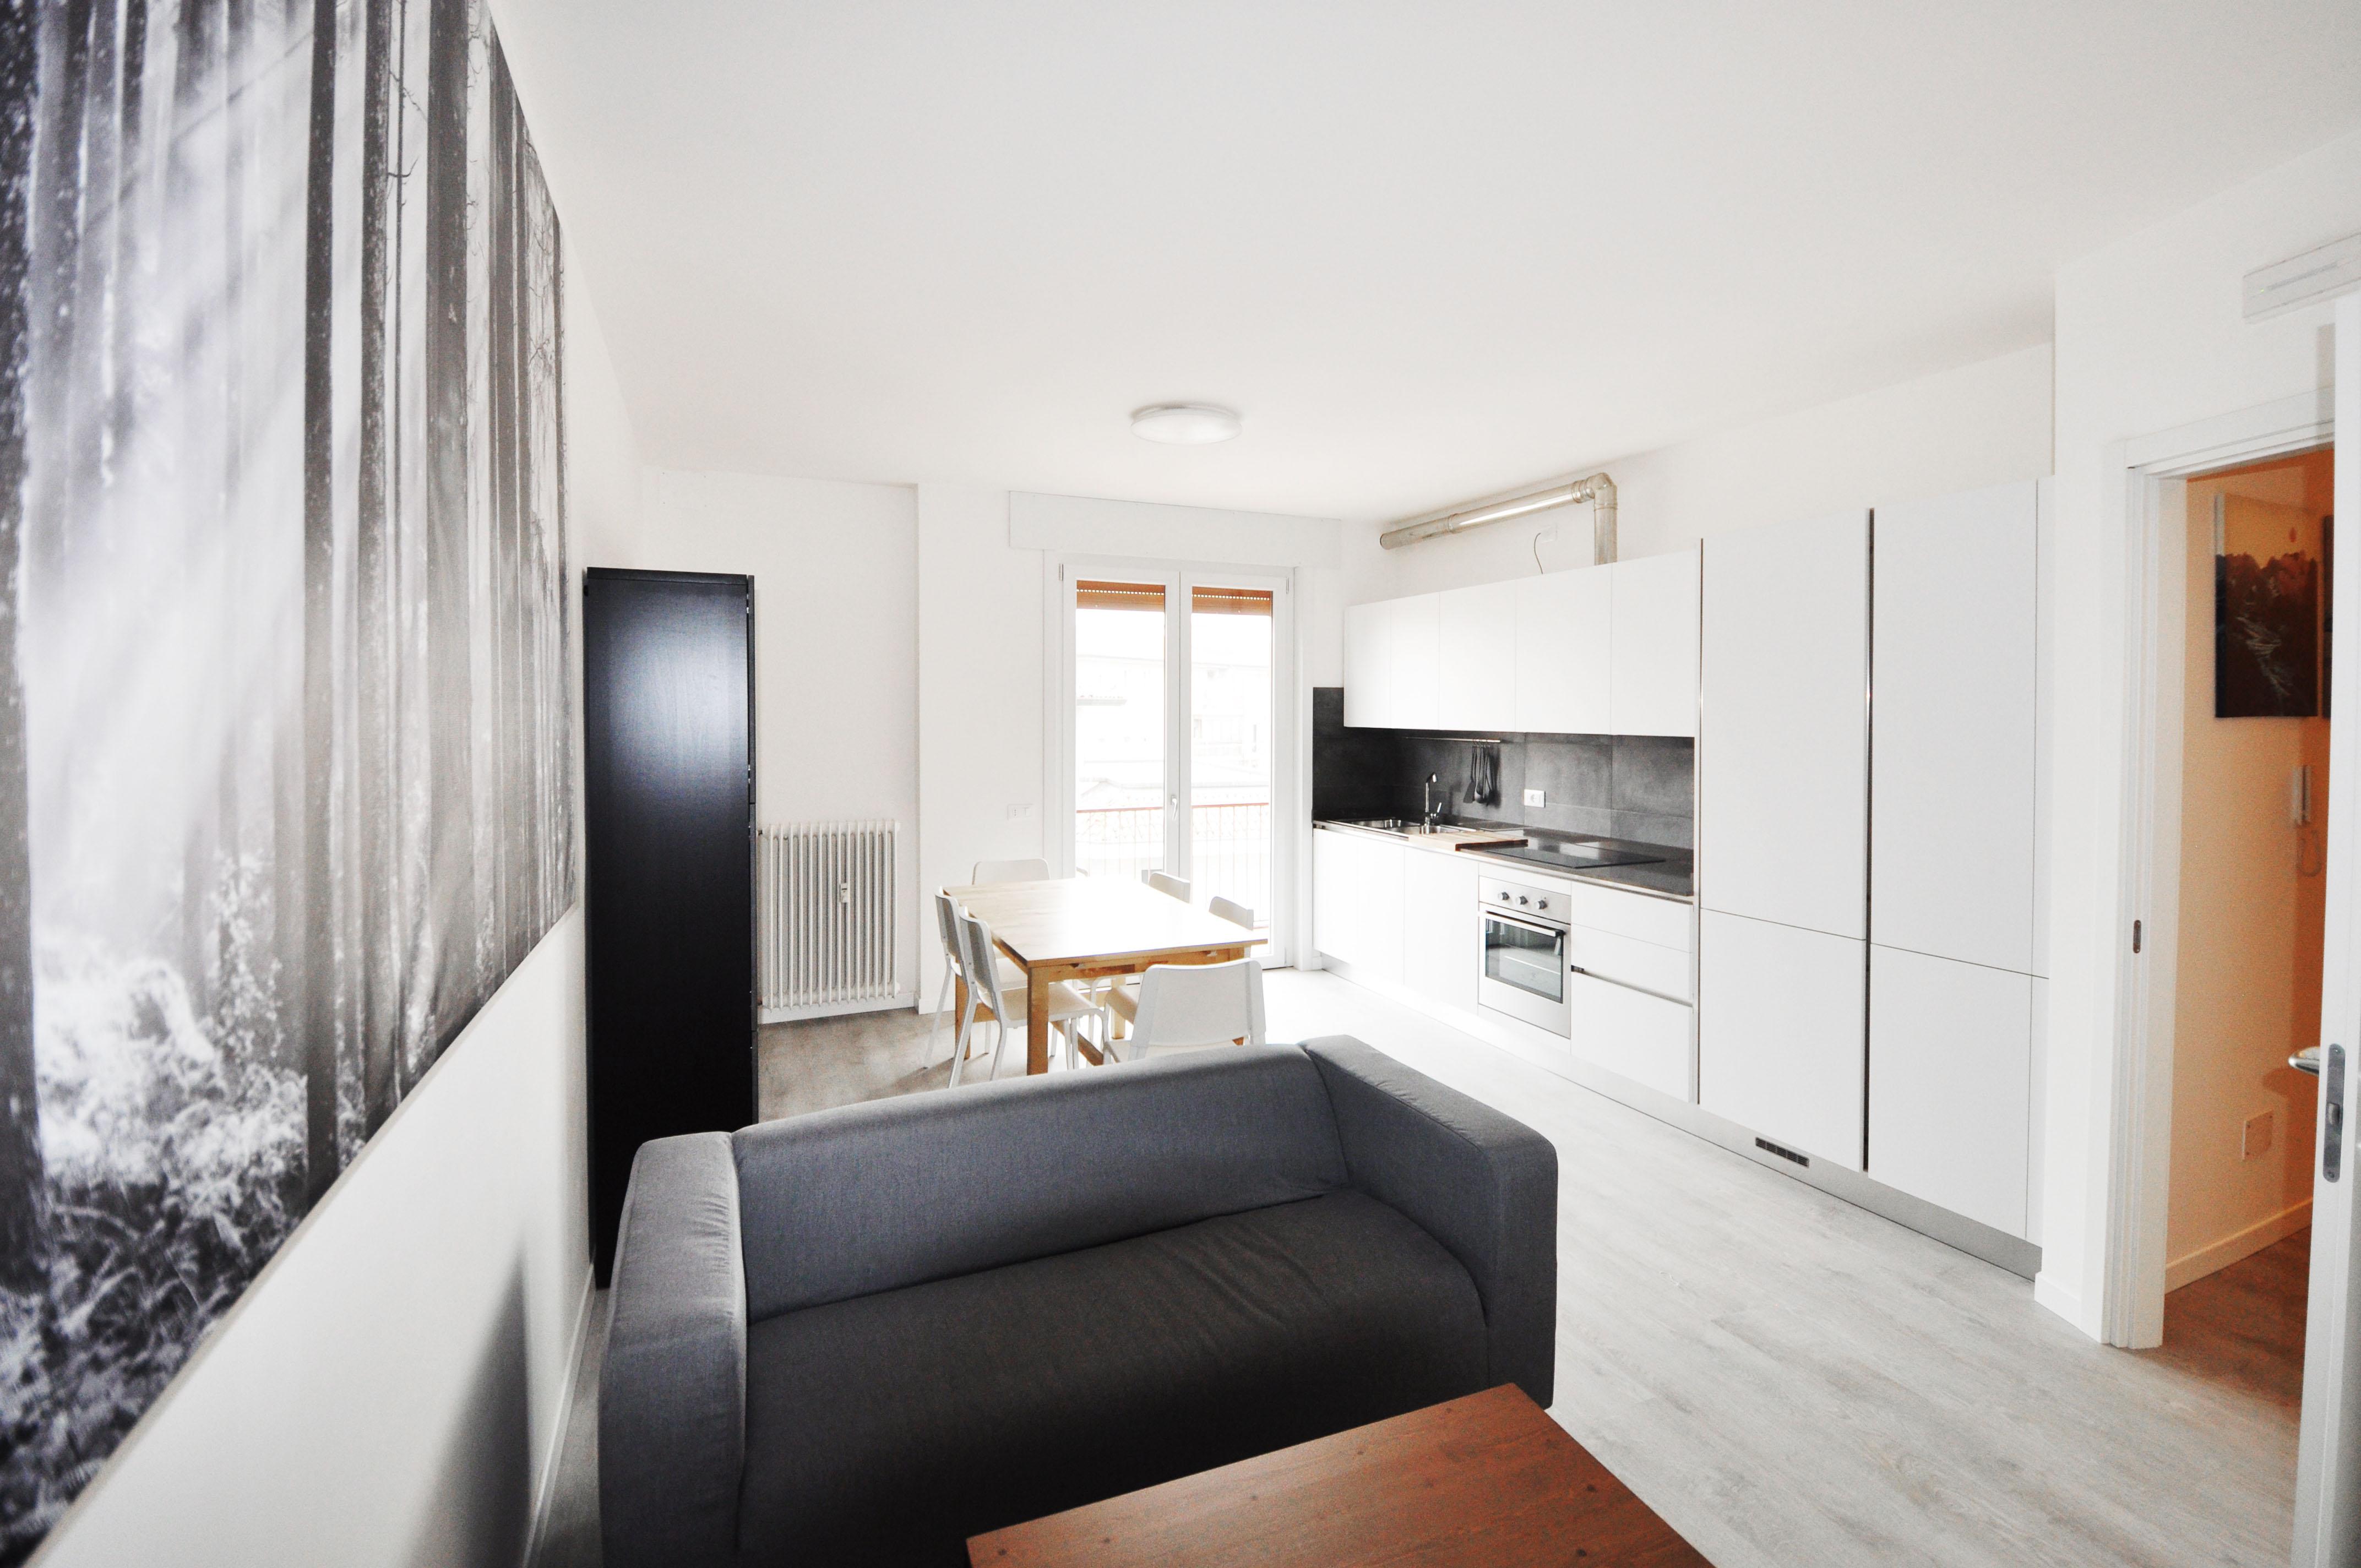 Camere in affitto-Treviso-Ospedale-Stazione-Studio-Architettura-Zanatta bertolini_15